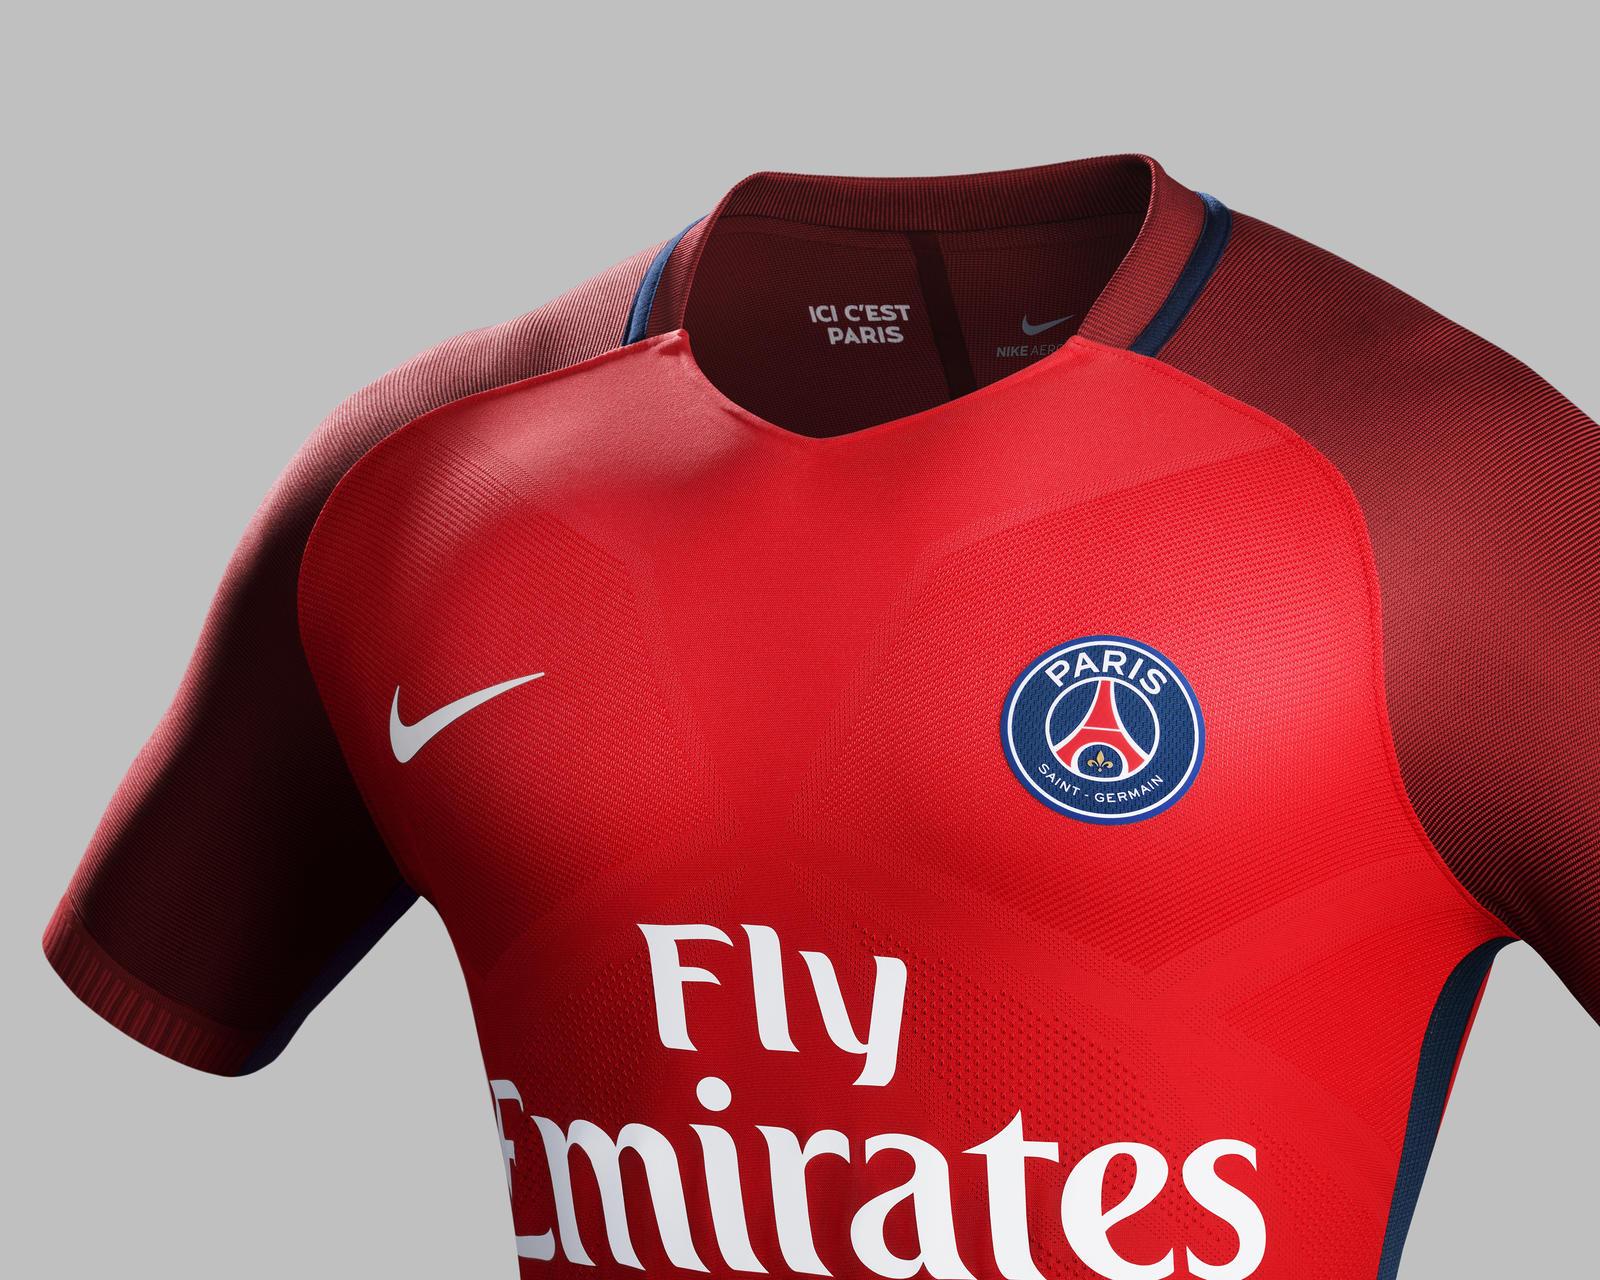 Nouveau maillot extérieur PSG 2016 - 2017 Nike